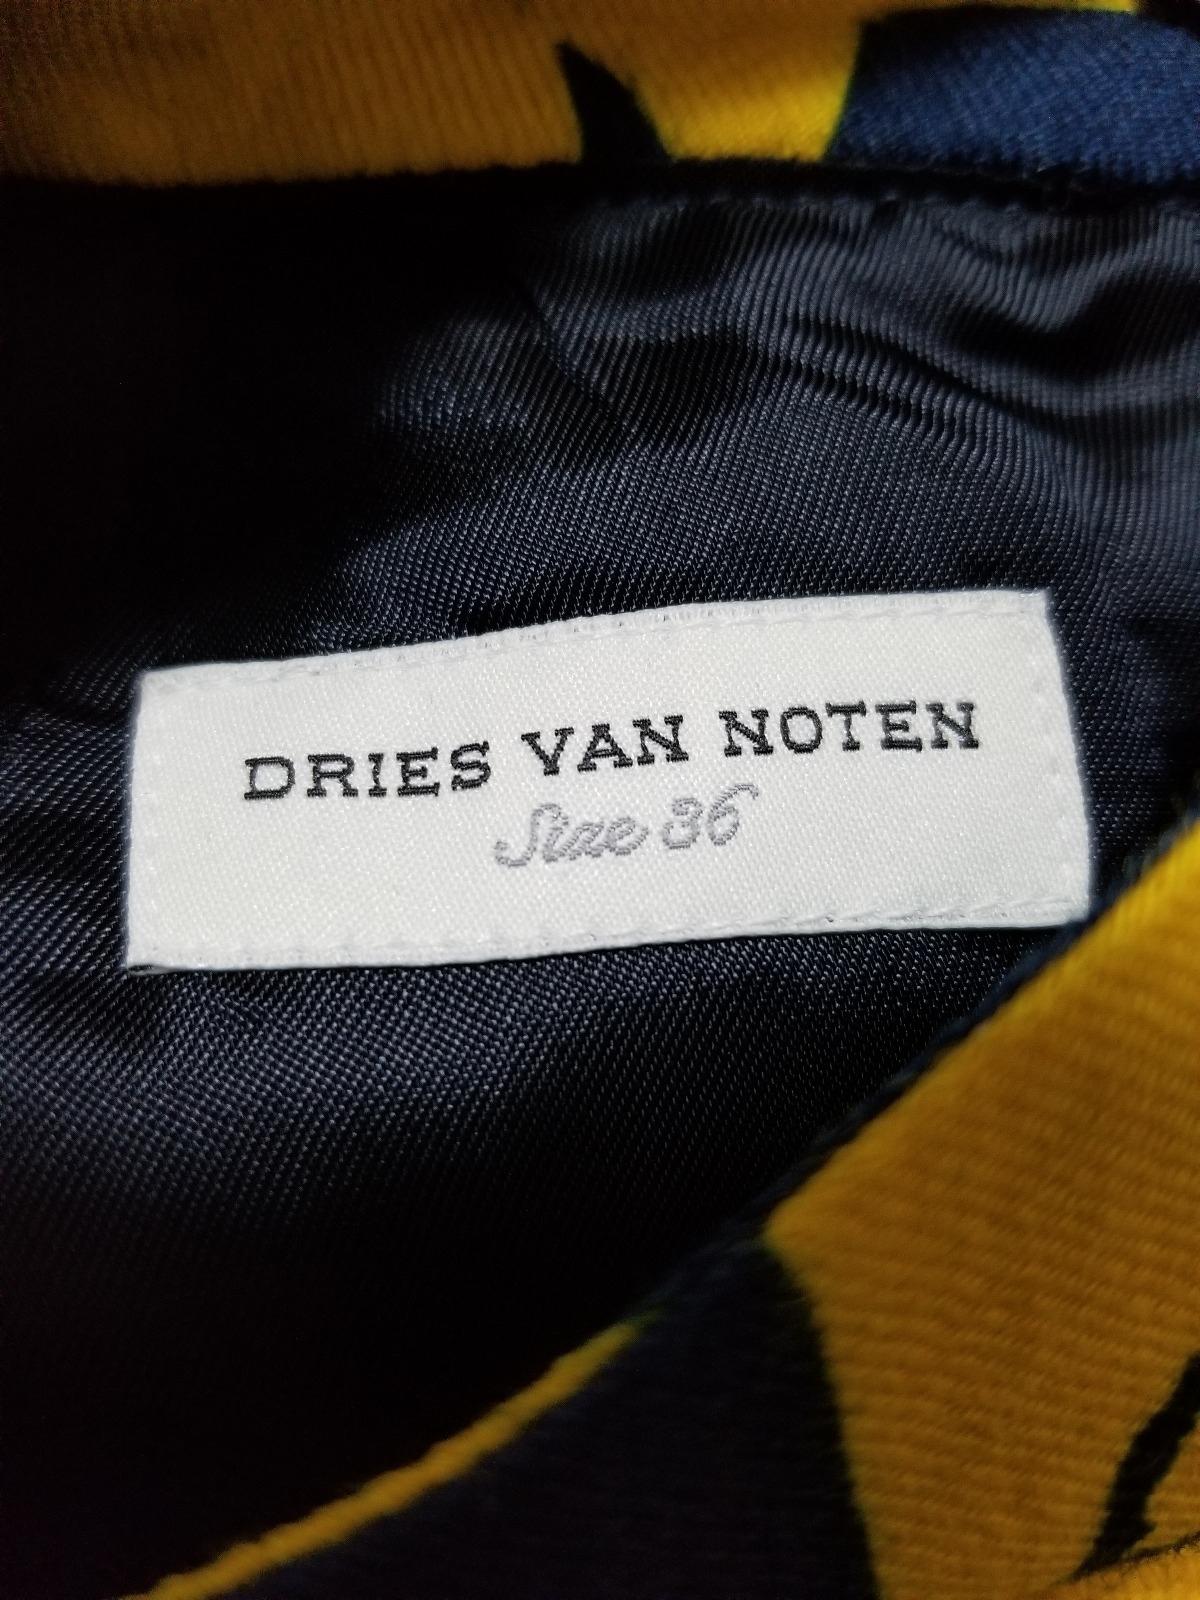 DRIES VAN NOTEN(ドリスヴァンノッテン)のワンピース